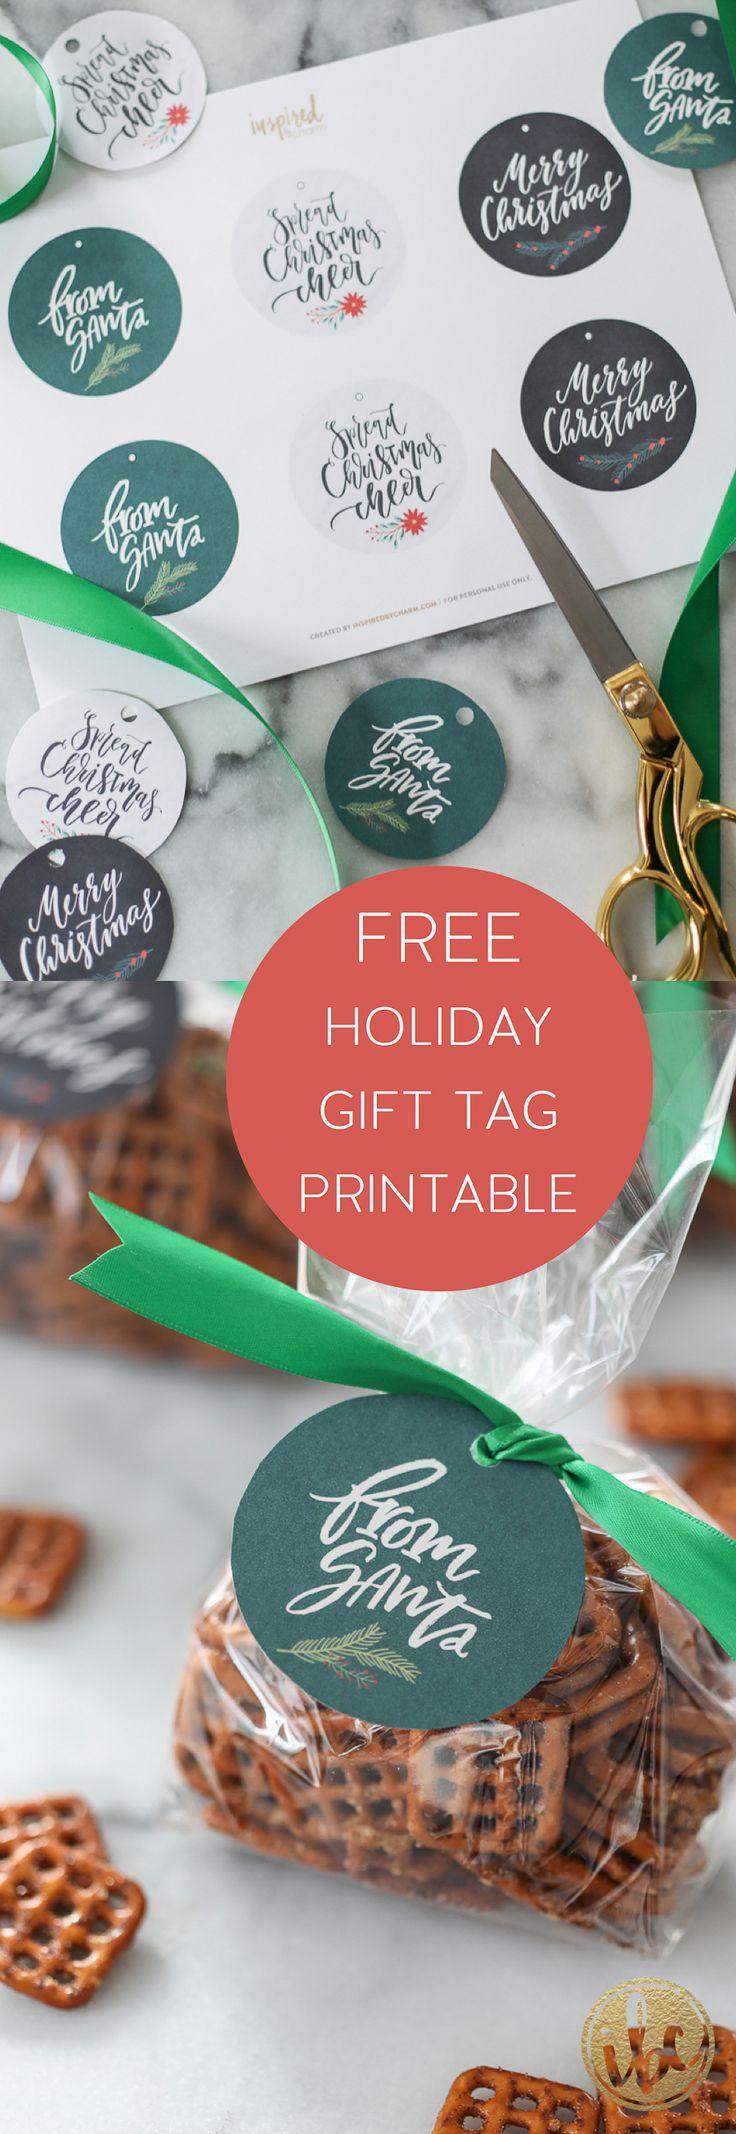 FREE Holiday Gift Tag Printable - Christmas wrapping gift tag